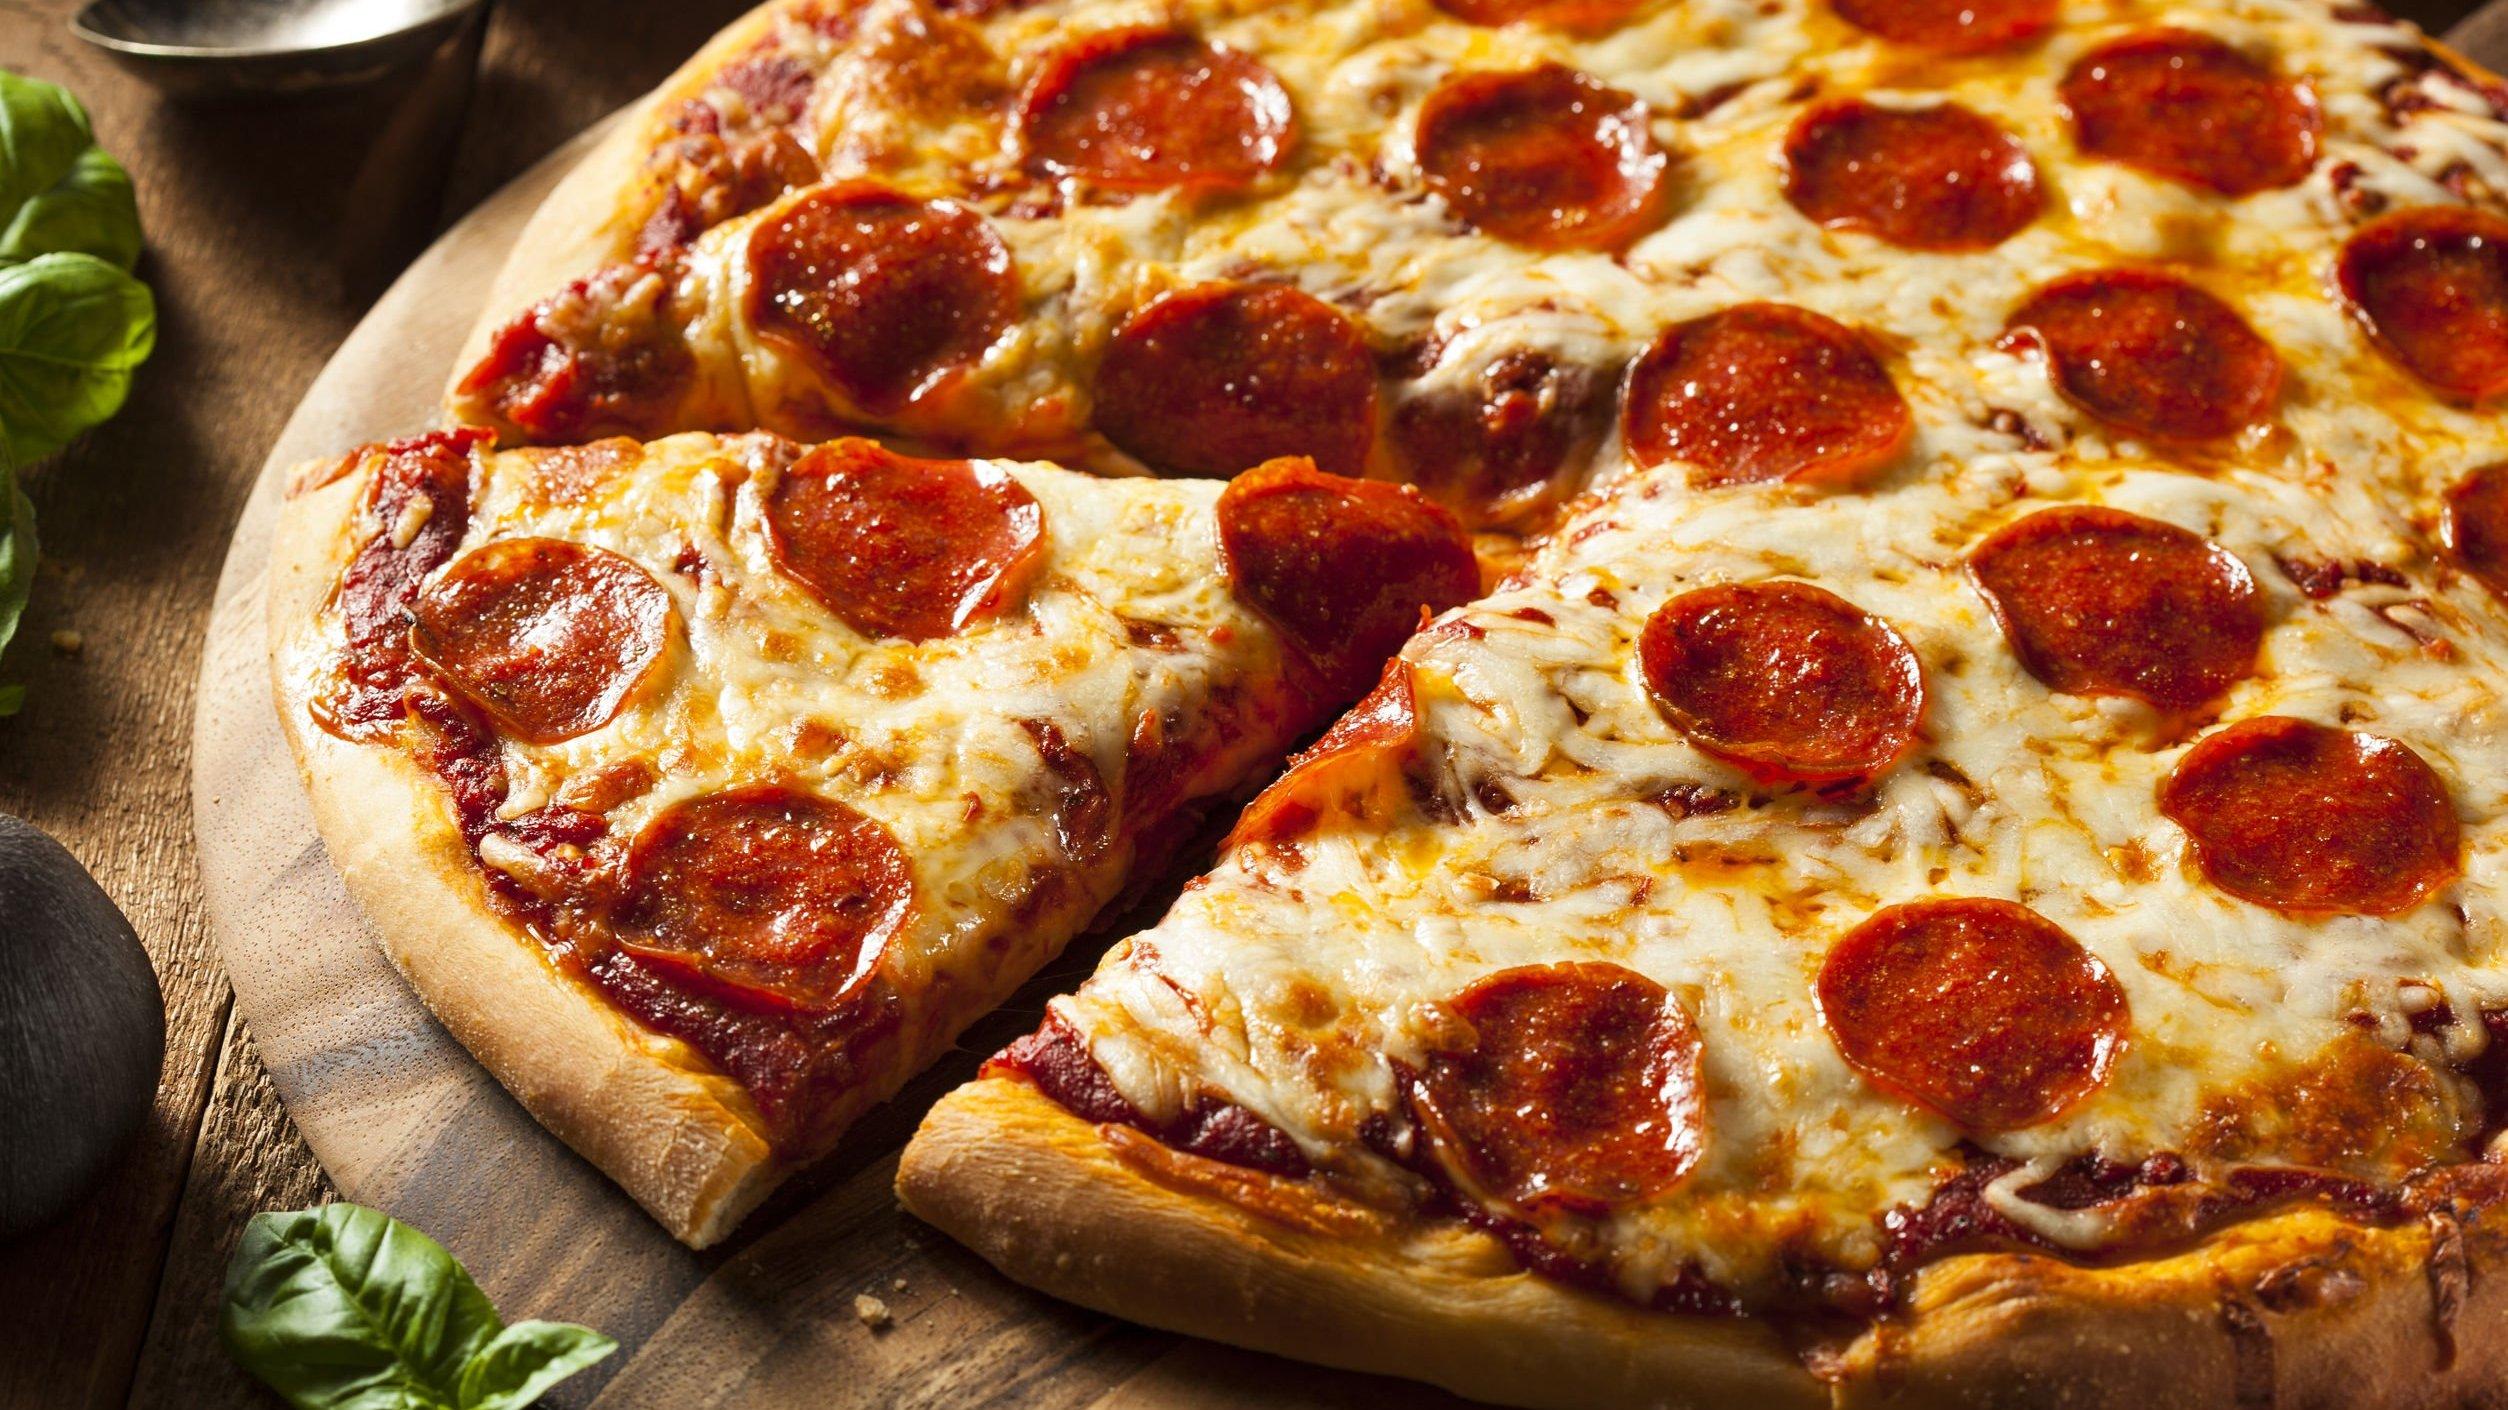 Pizza de pepperoni e queijo em uma mesa